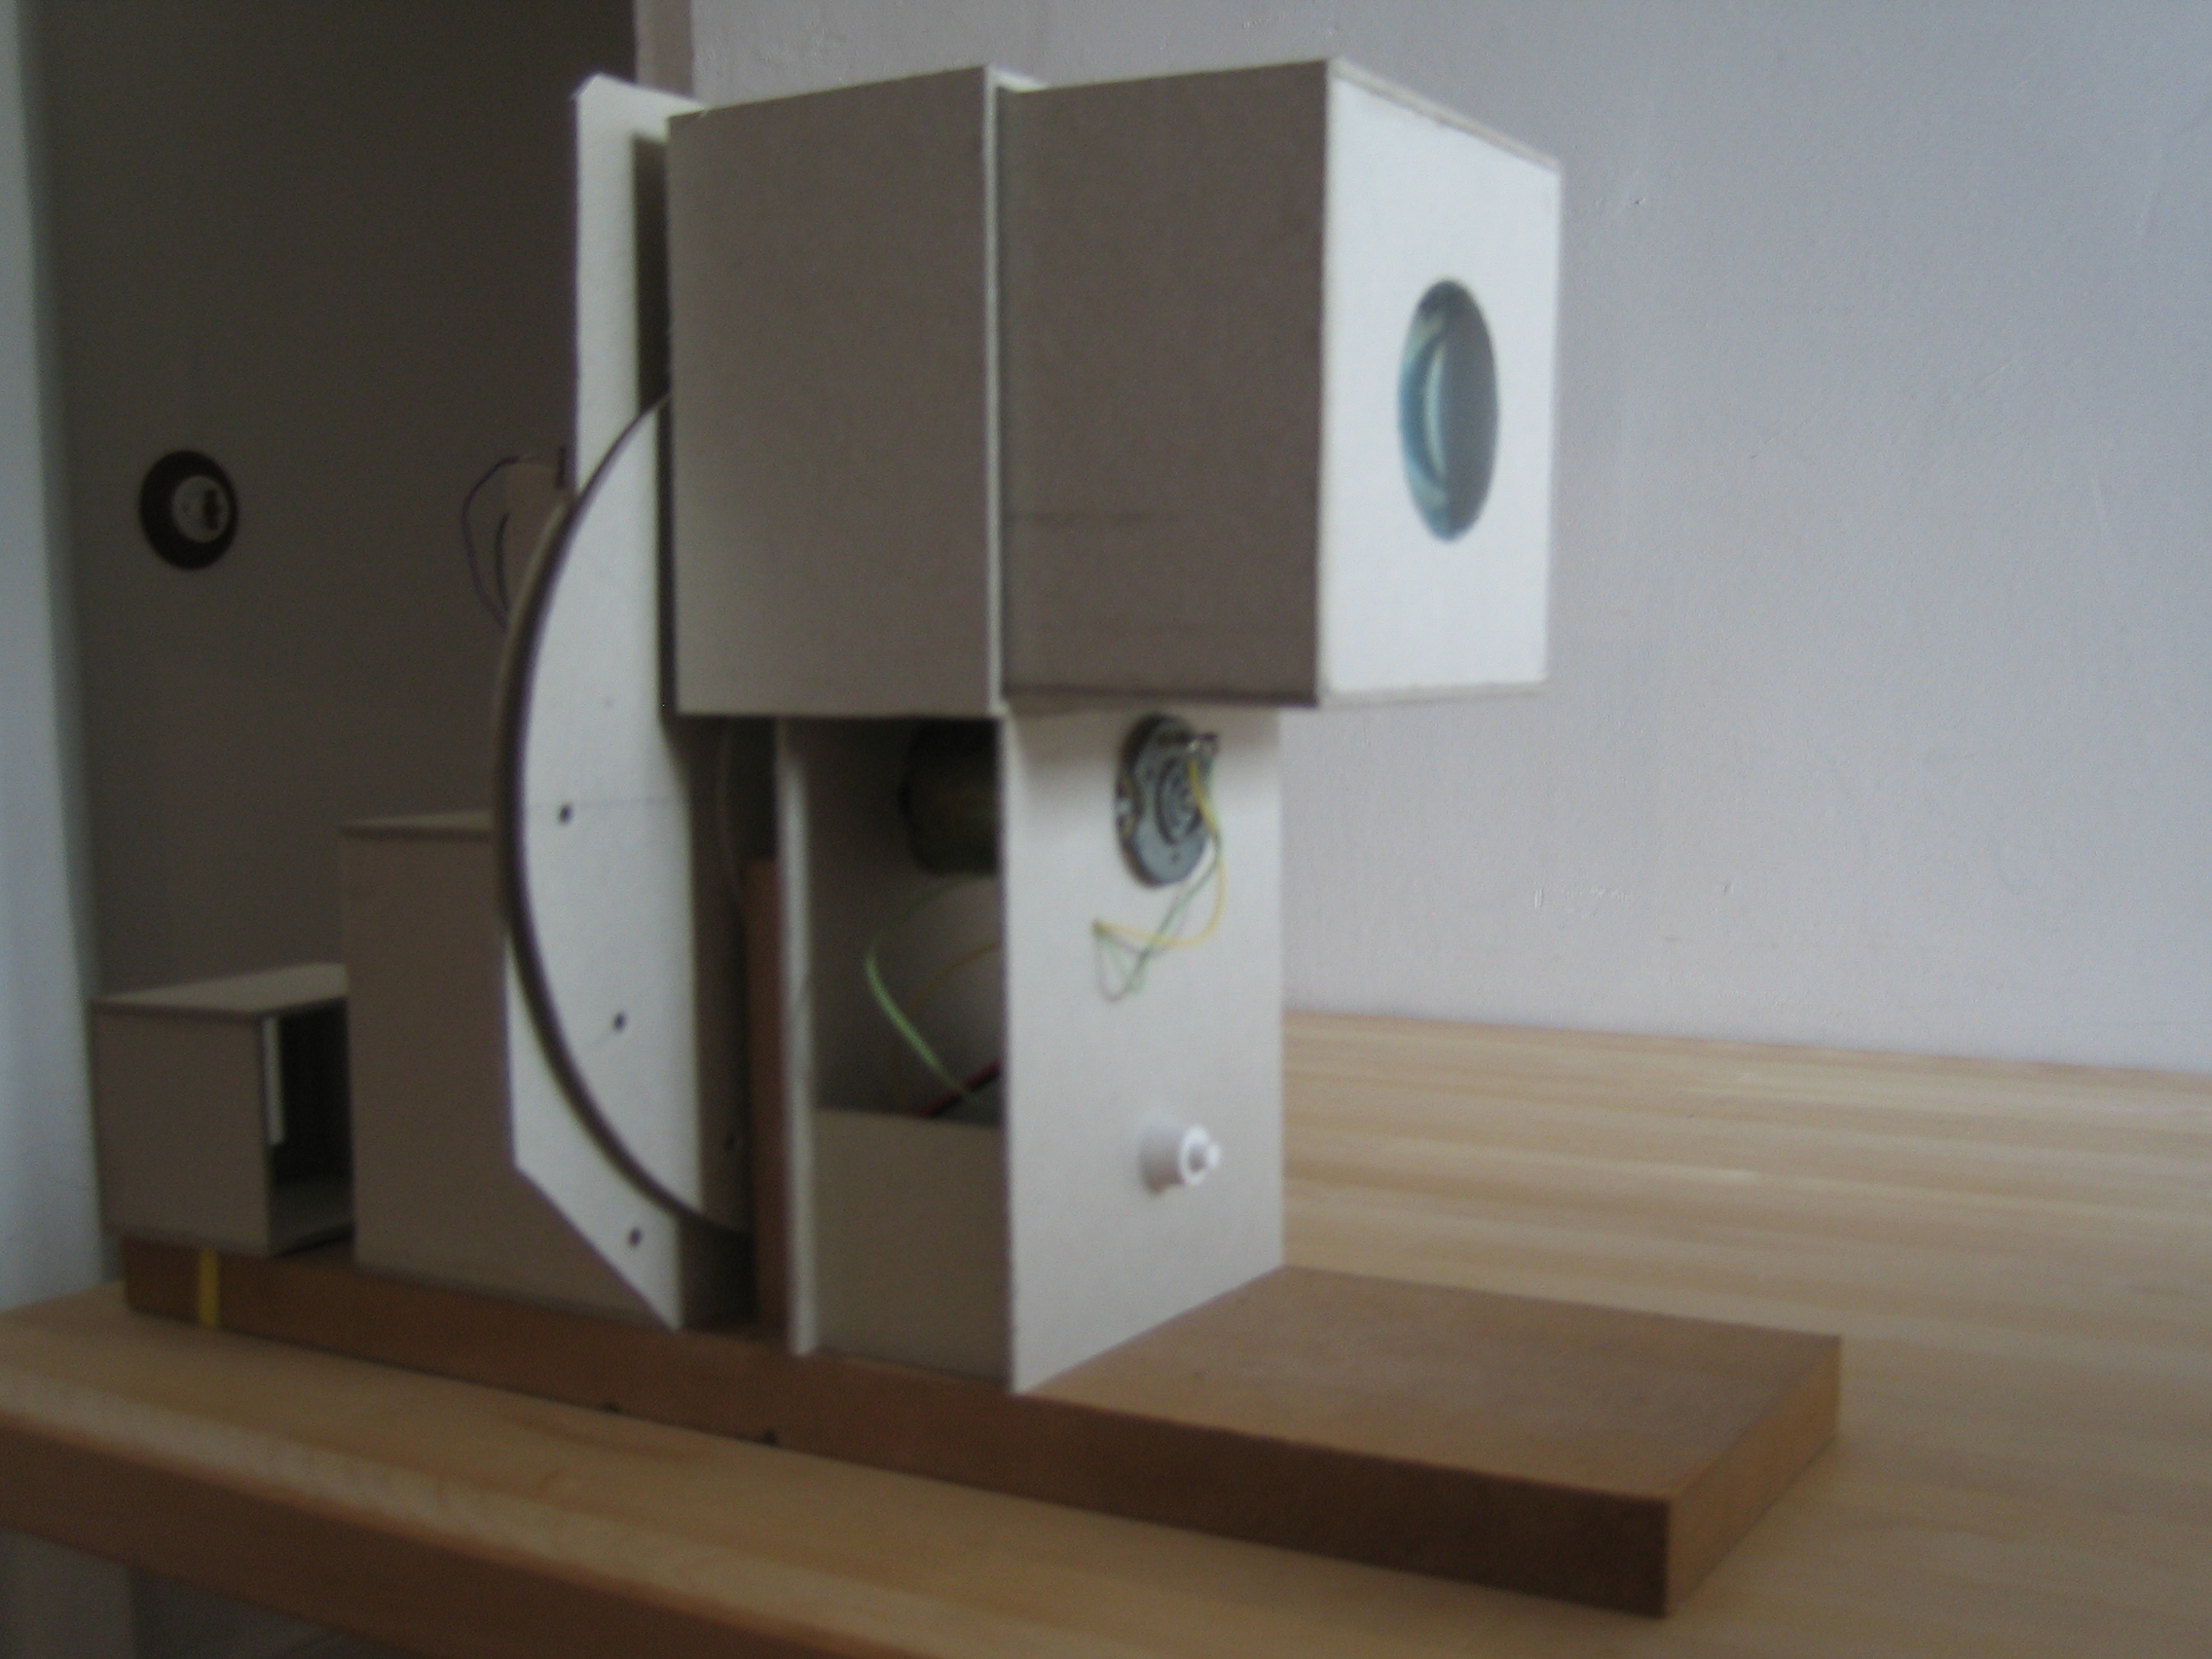 TELEVISIÓN ELECTROMECÁNICA BASADA EN EL DISCO DE NIPKOW. Práctica desarrollada para la asignatura Imagen Tecnológica, que consiste en construir un sistema de televisión basado en los sistemas electromecánicos de desintegración […]